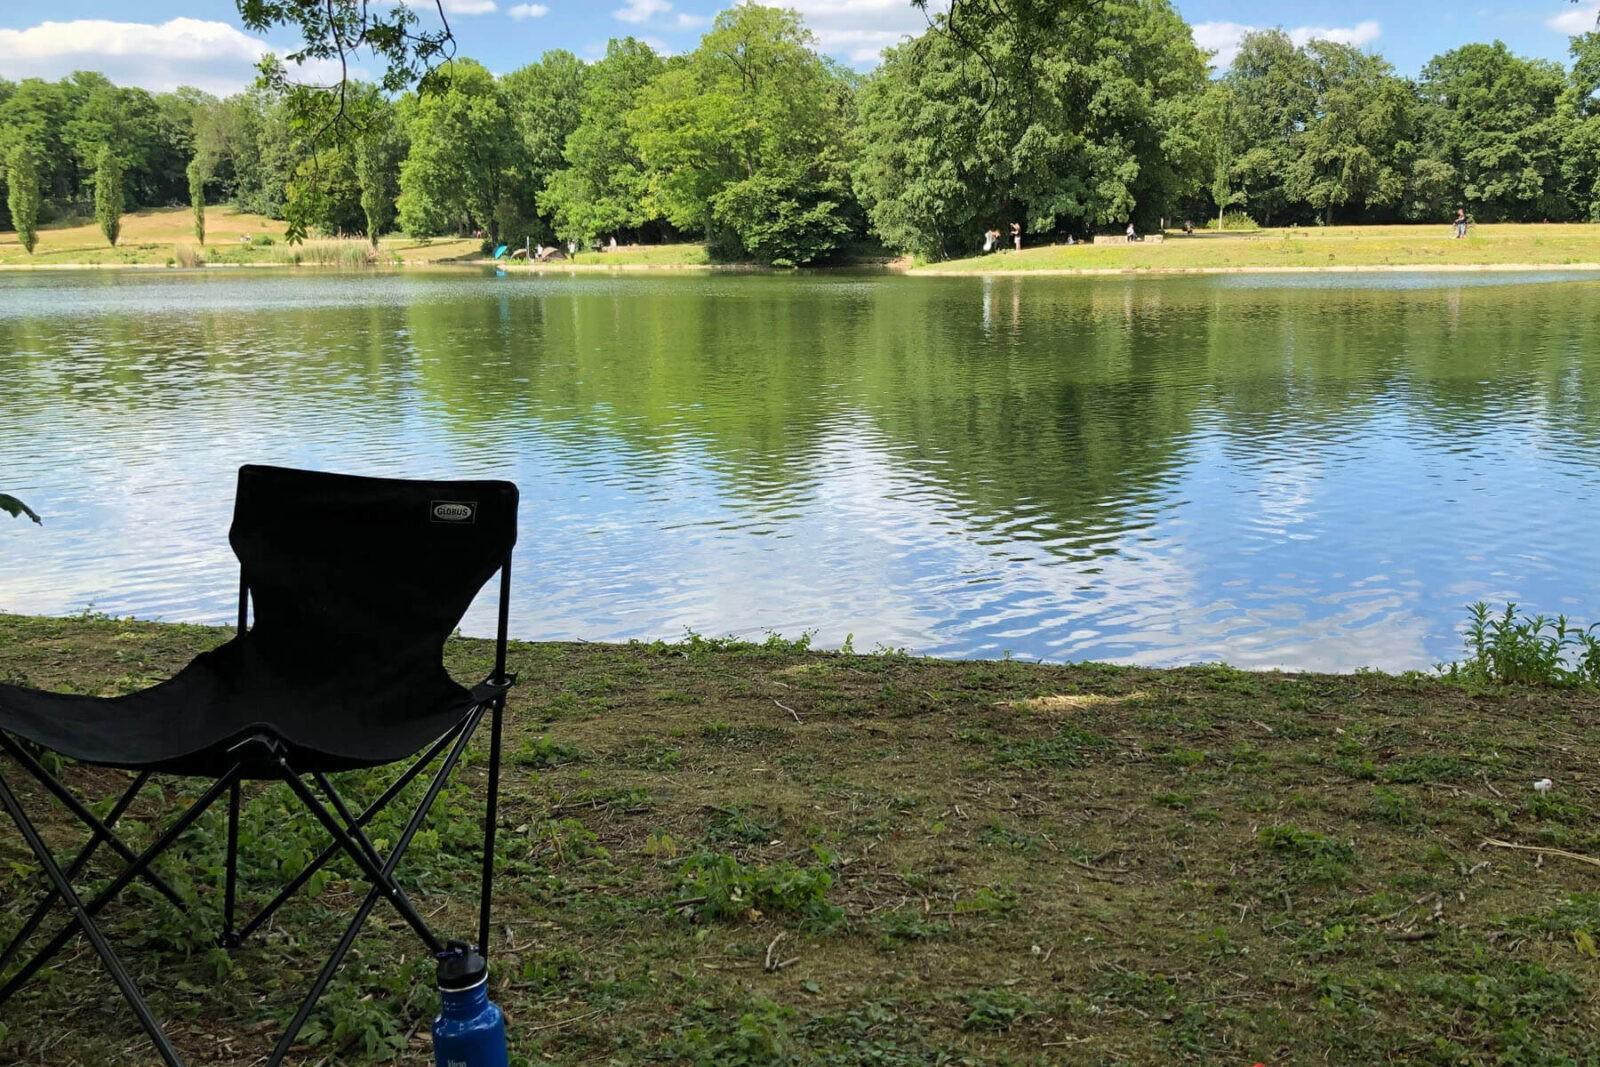 Köln: Picknick am Kalscheurer Weiher | Op jück